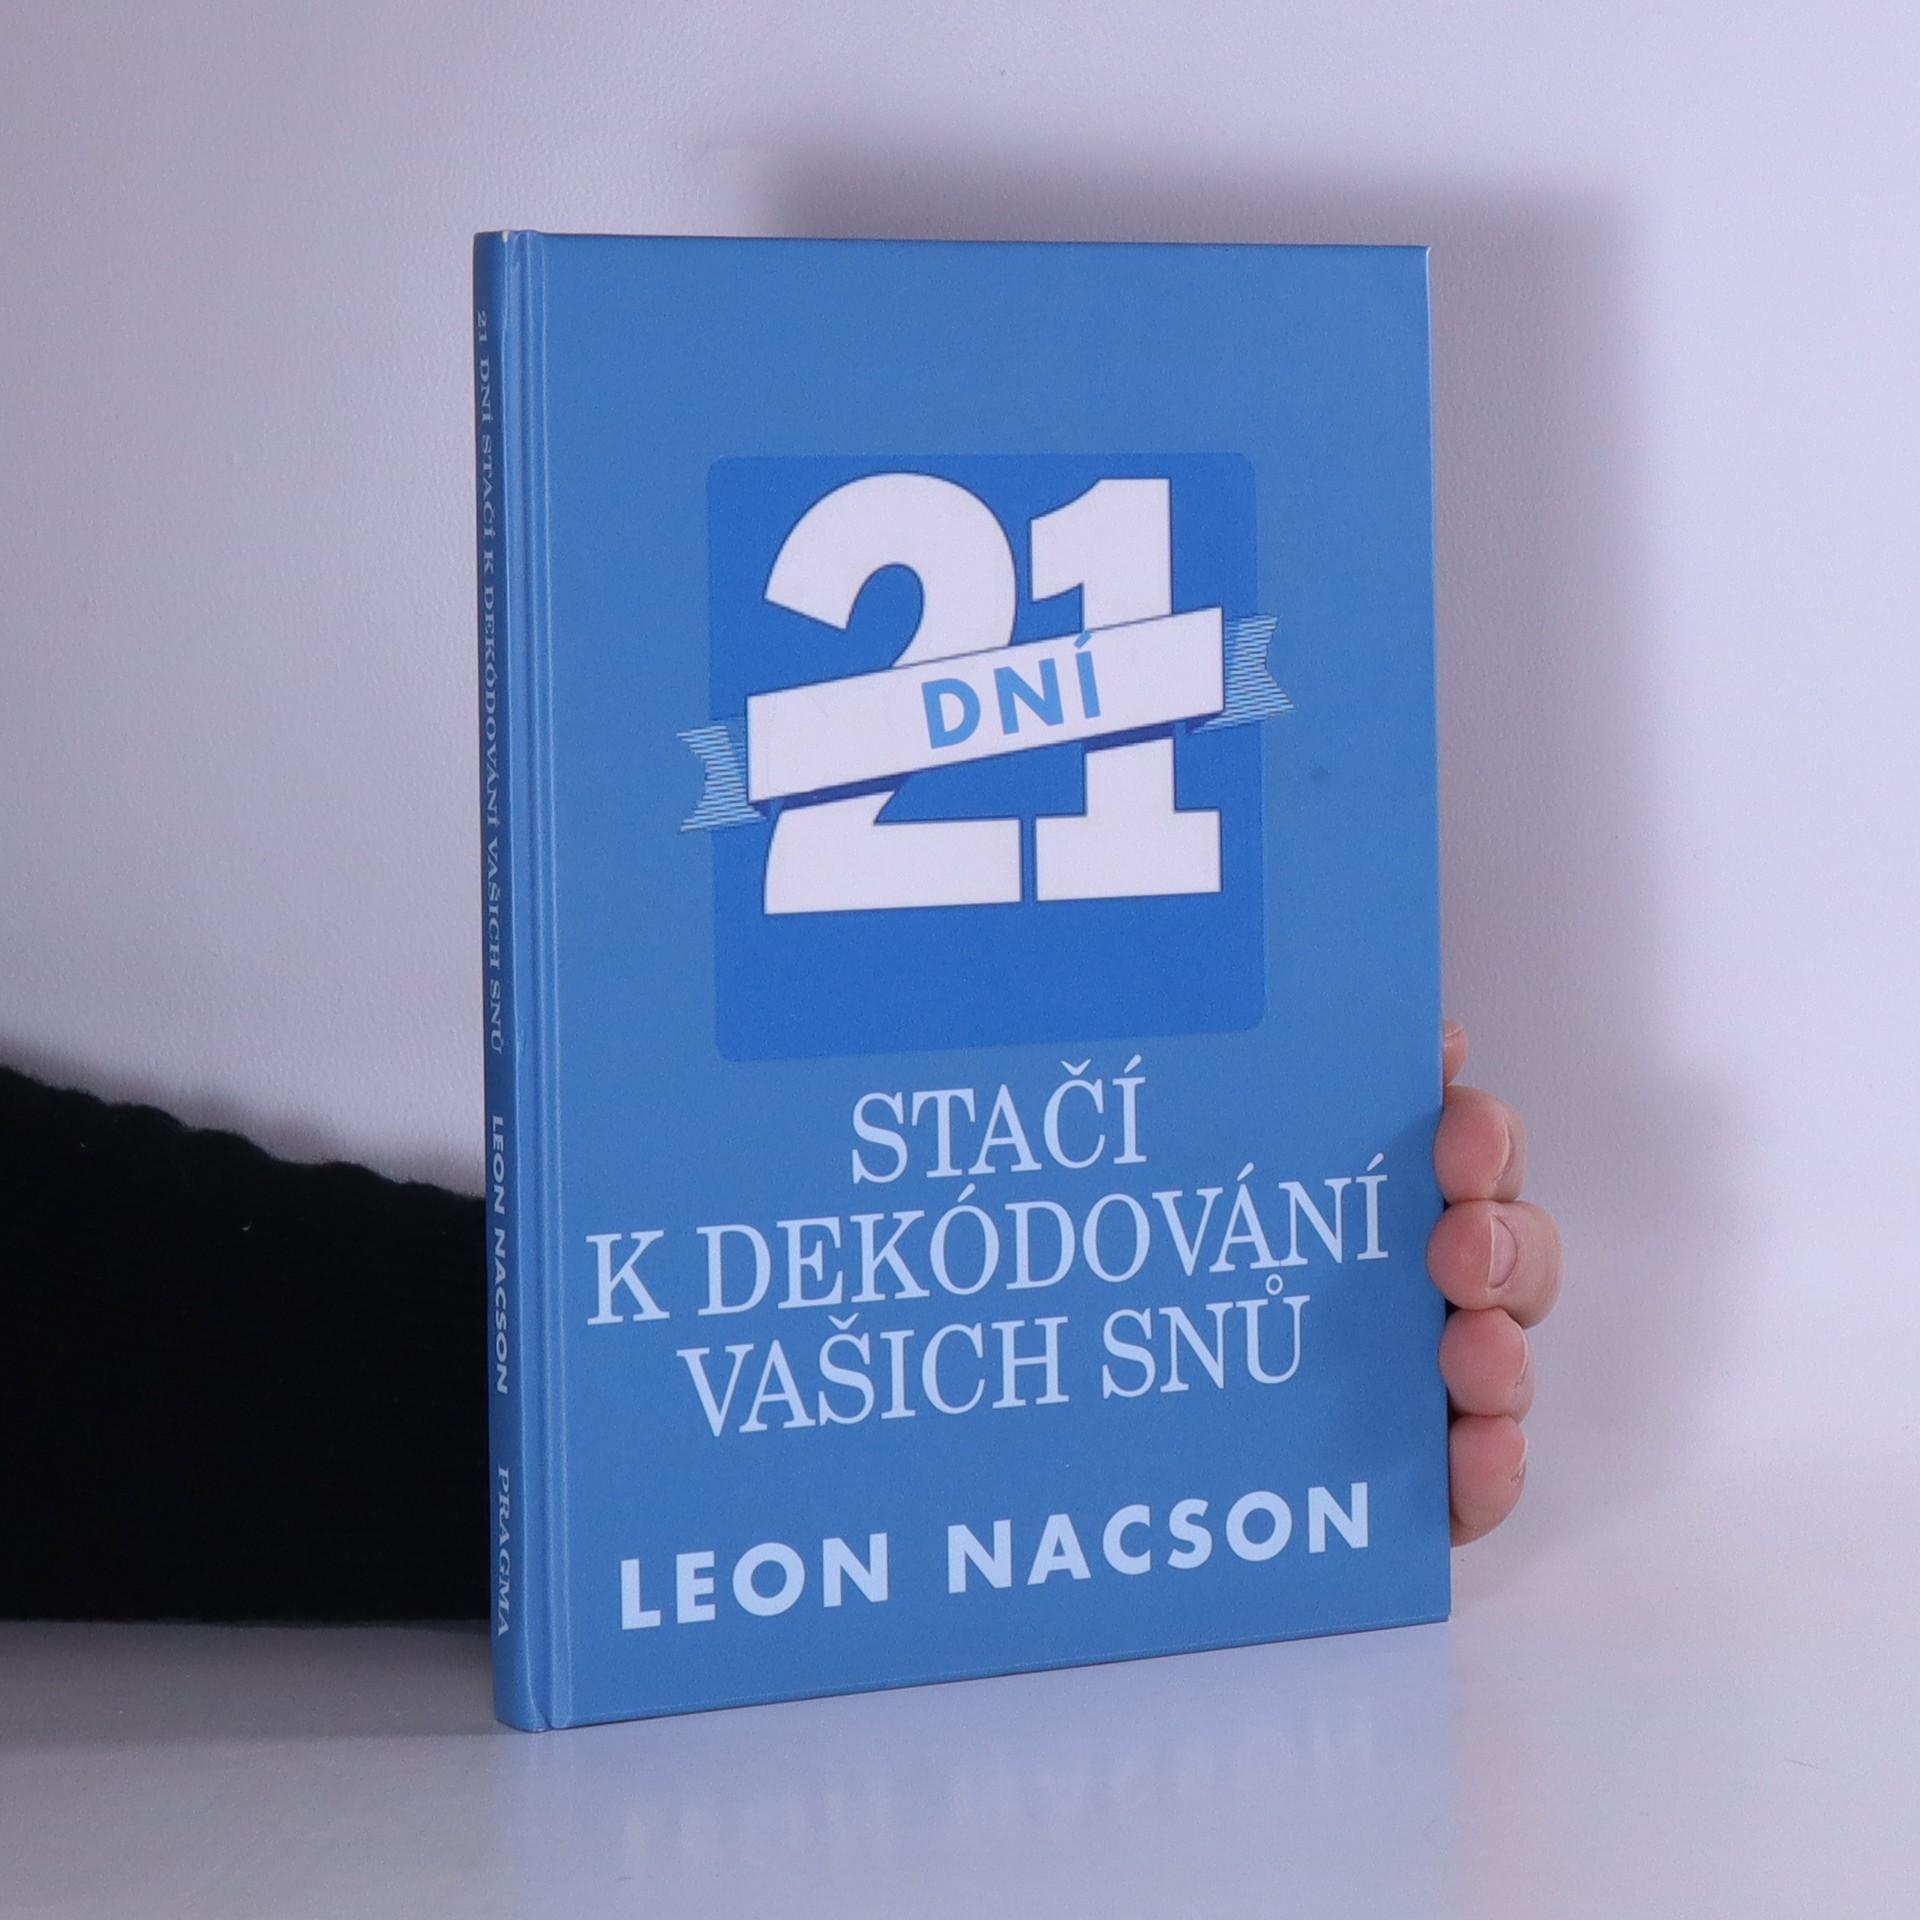 antikvární kniha 21 dní stačí k dekódování vašich snů, 2013